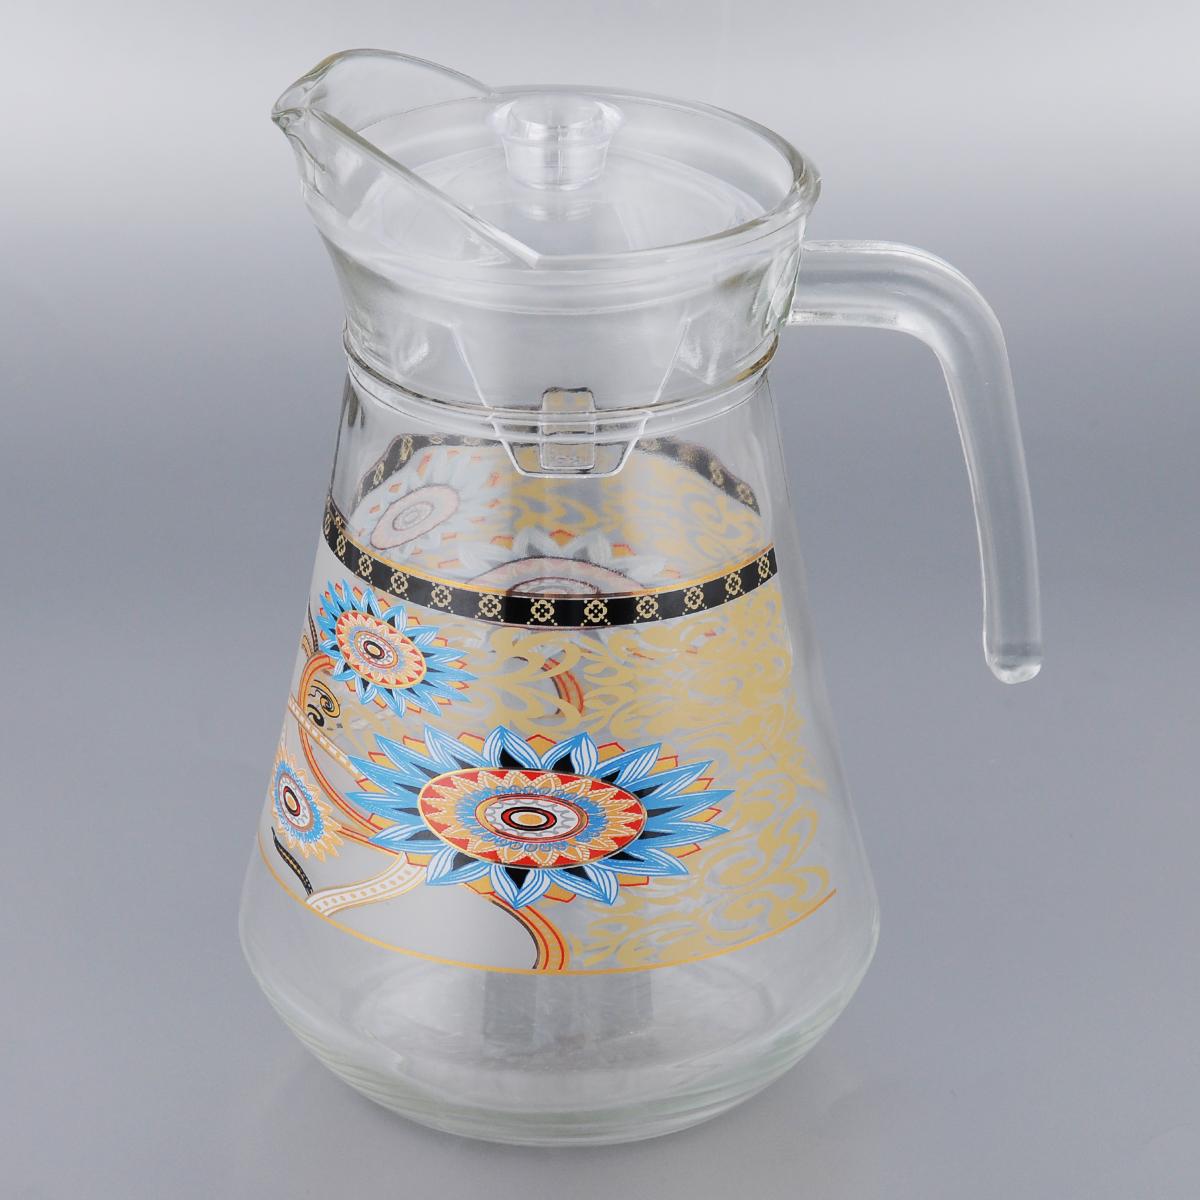 Кувшин Loraine, с крышкой 1,3 лP436.035Кувшин Loraine изготовлен из прозрачного стекла.Изделие оснащено пластиковой крышкой. Такойкувшин прекрасно подойдет для подачи горячегоили холодного сока, воды, компота, лимонада,молока и многих других напитков. Кувшин снапитками можно хранить в холодильной камере.Благодаря яркому, но в то же время лаконичномудизайну кувшин станет украшением вашего стола. Не рекомендуется мыть в посудомоечной машине.Высота кувшина (без учета крышки): 22 см. Размер (по верхнему краю): 11 х 10 см.